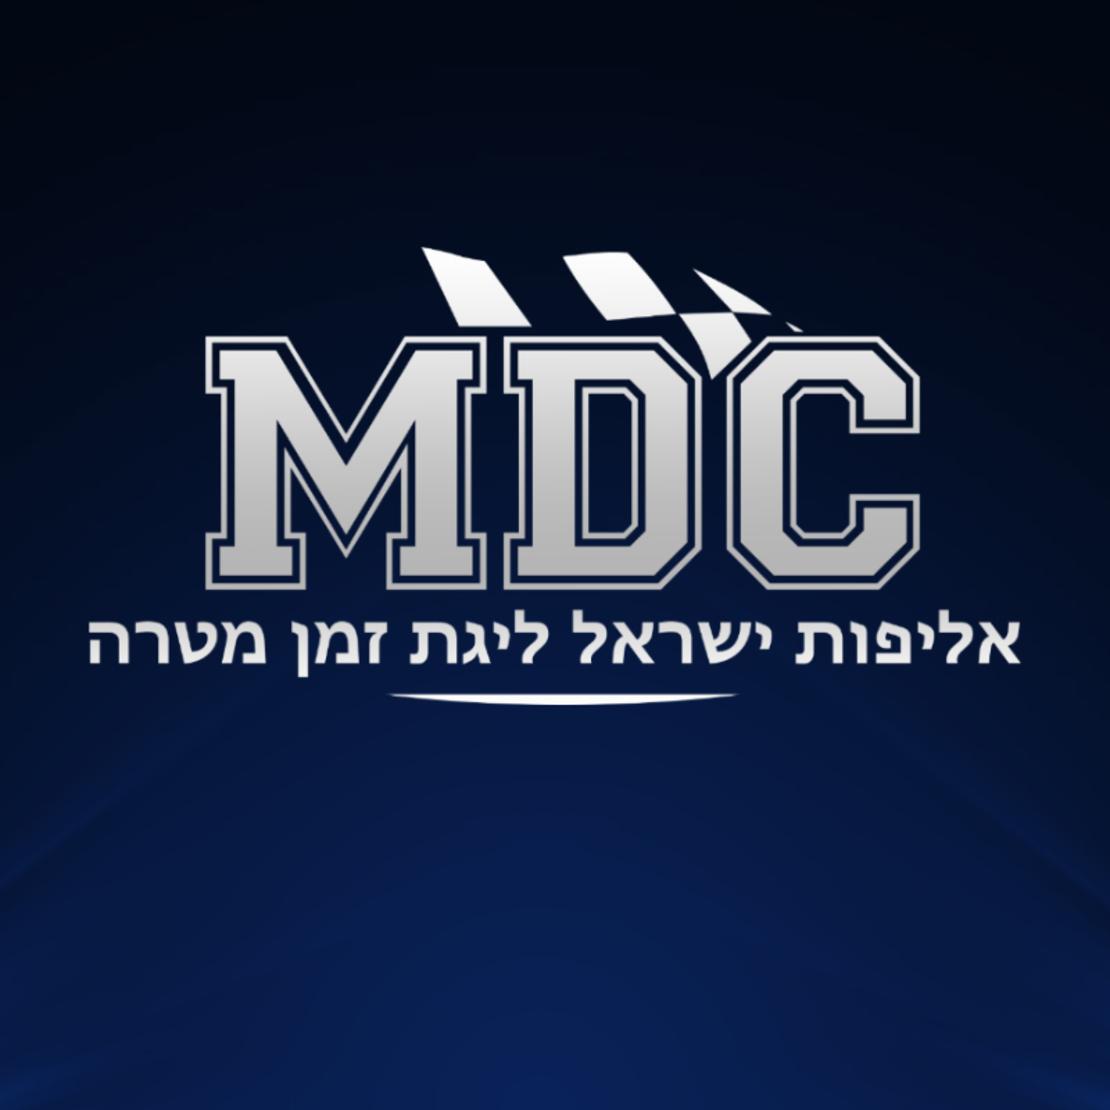 הרשמה למירוץ זמן מטרה MDC